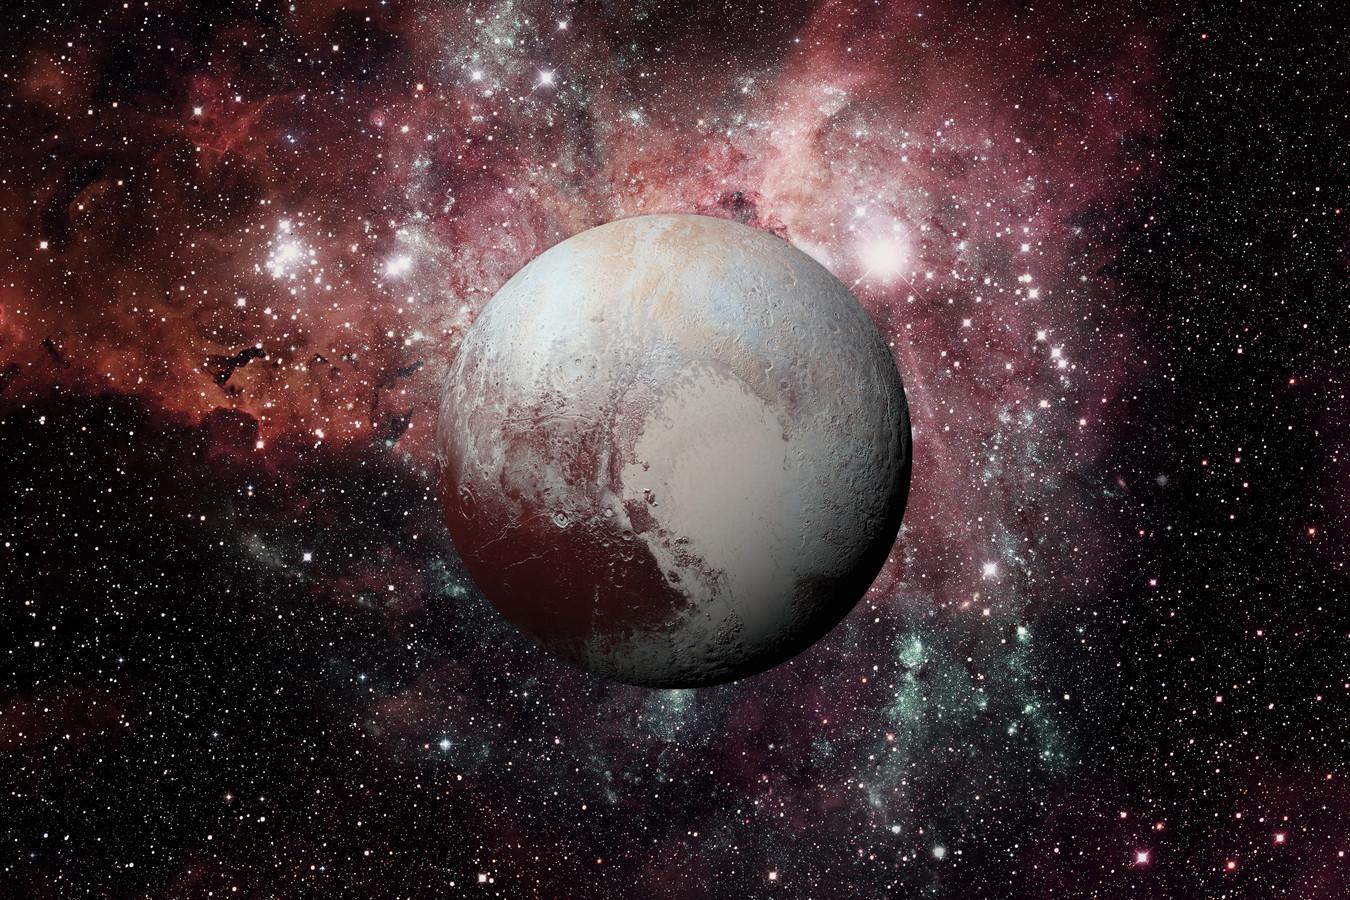 Pluto is misschien een gigantische komeet en zelfs geen dwergplaneet.